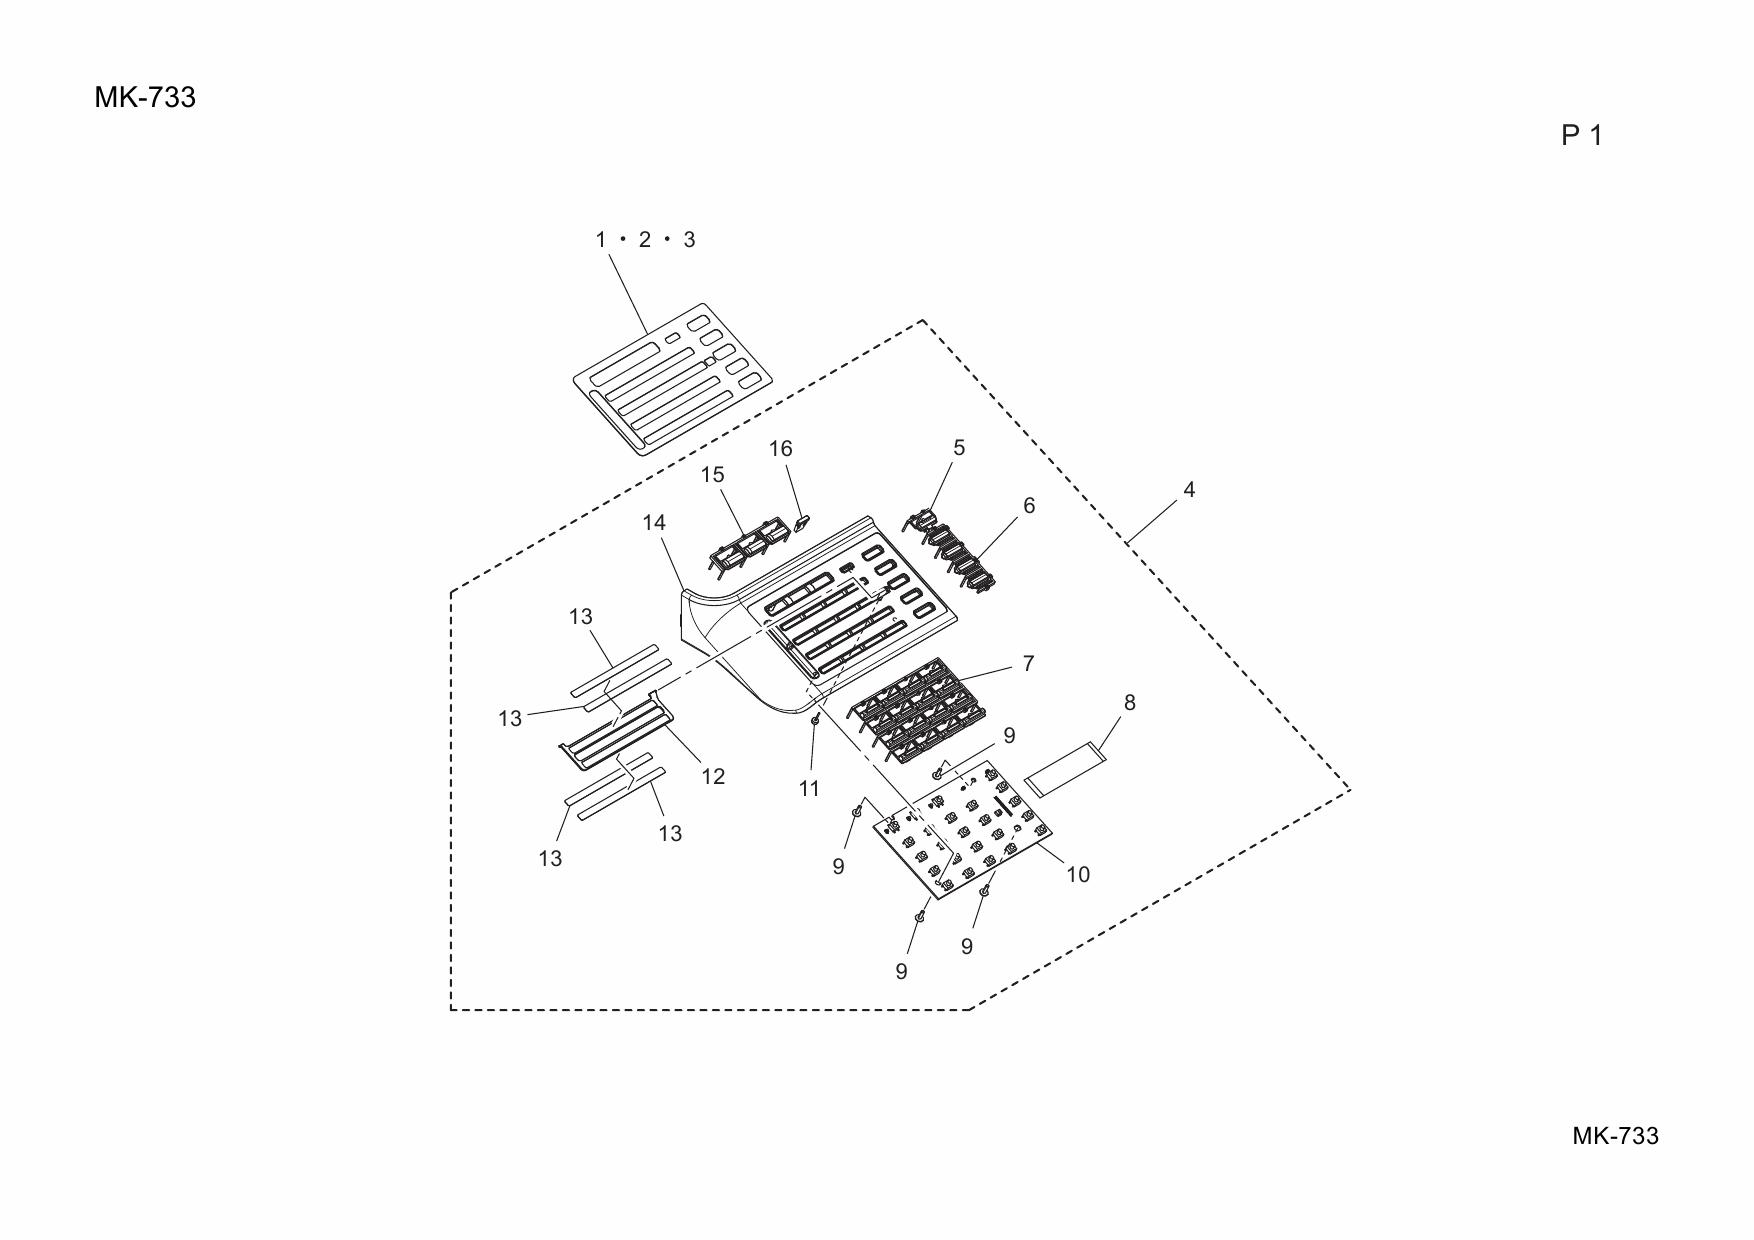 Konica-Minolta Options MK-733 A4M6 Parts Manual